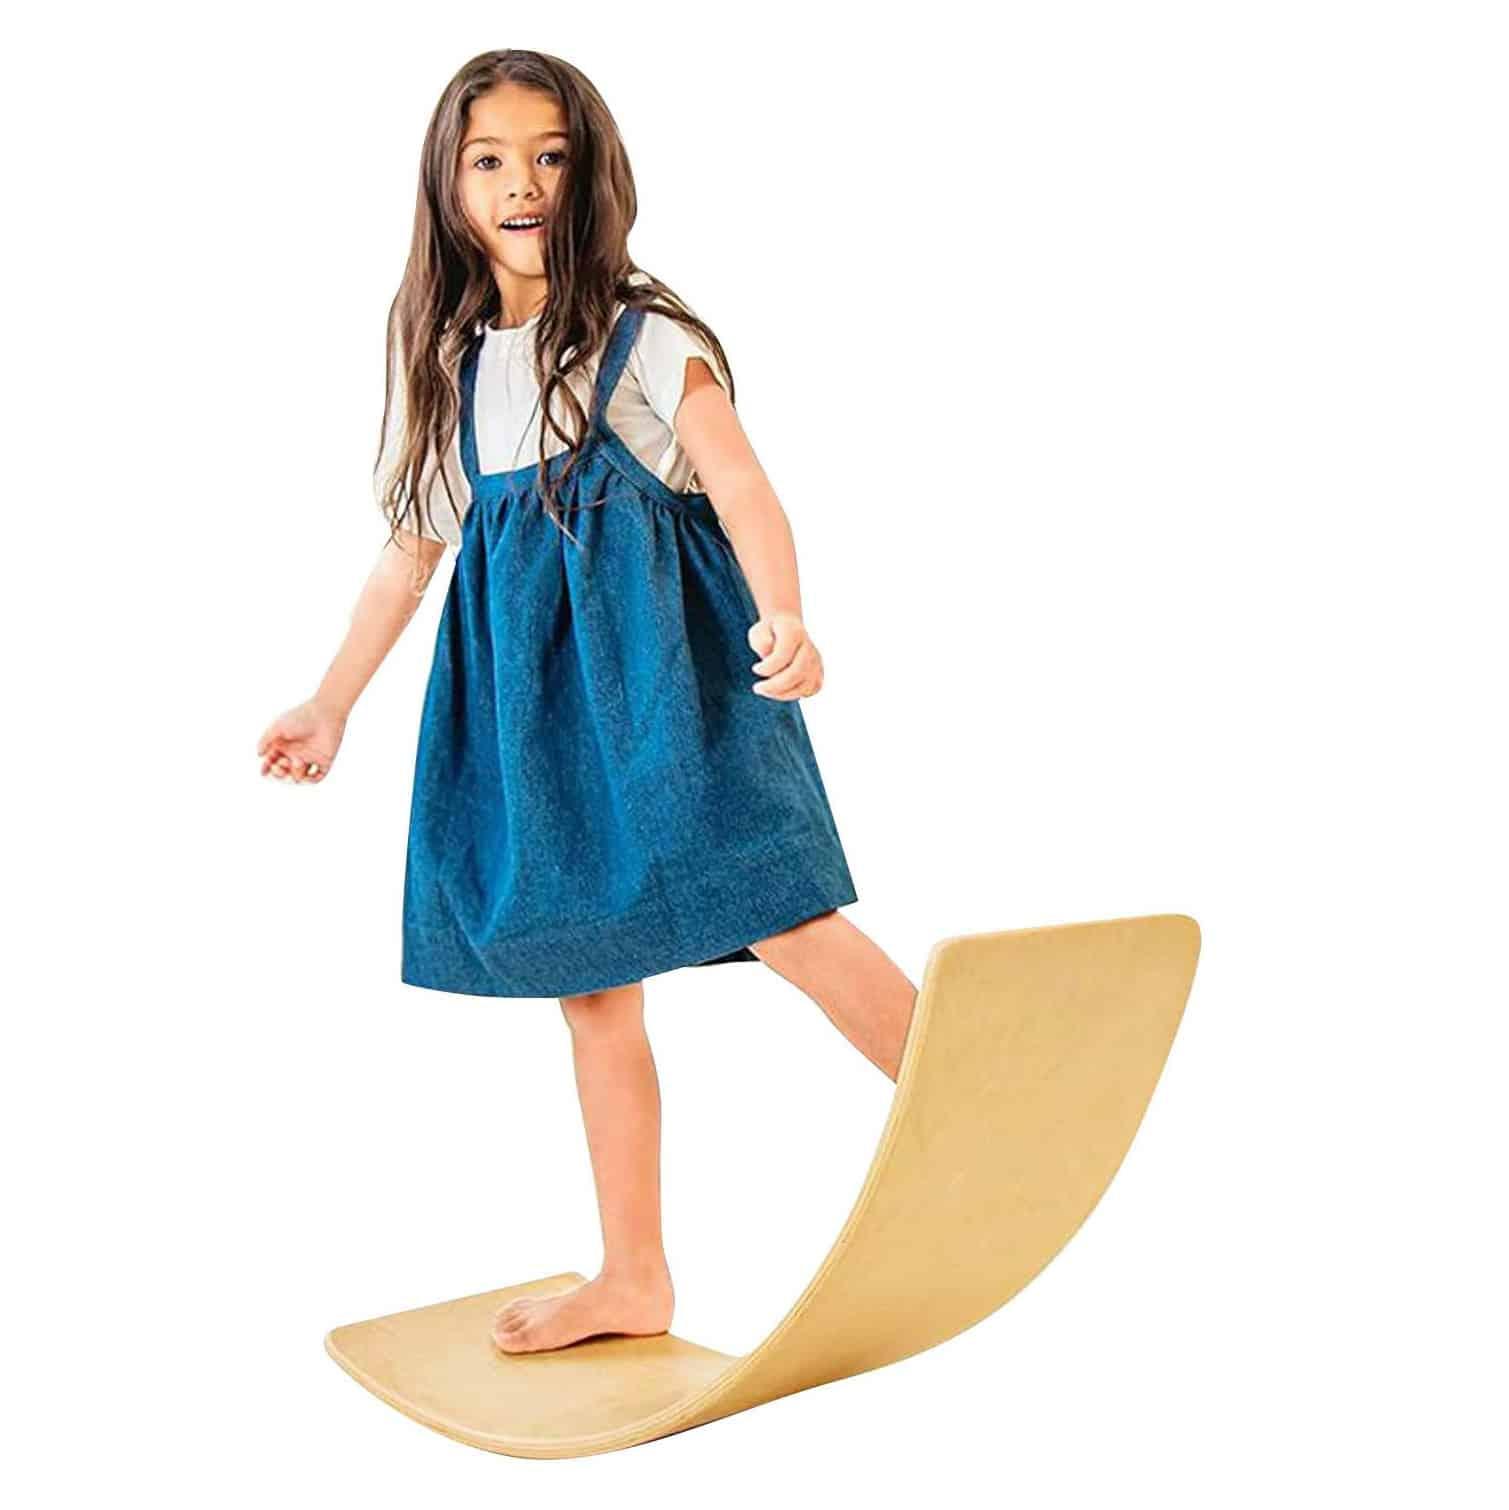 Avrsol Wooden Wobble Balance Board for Kids